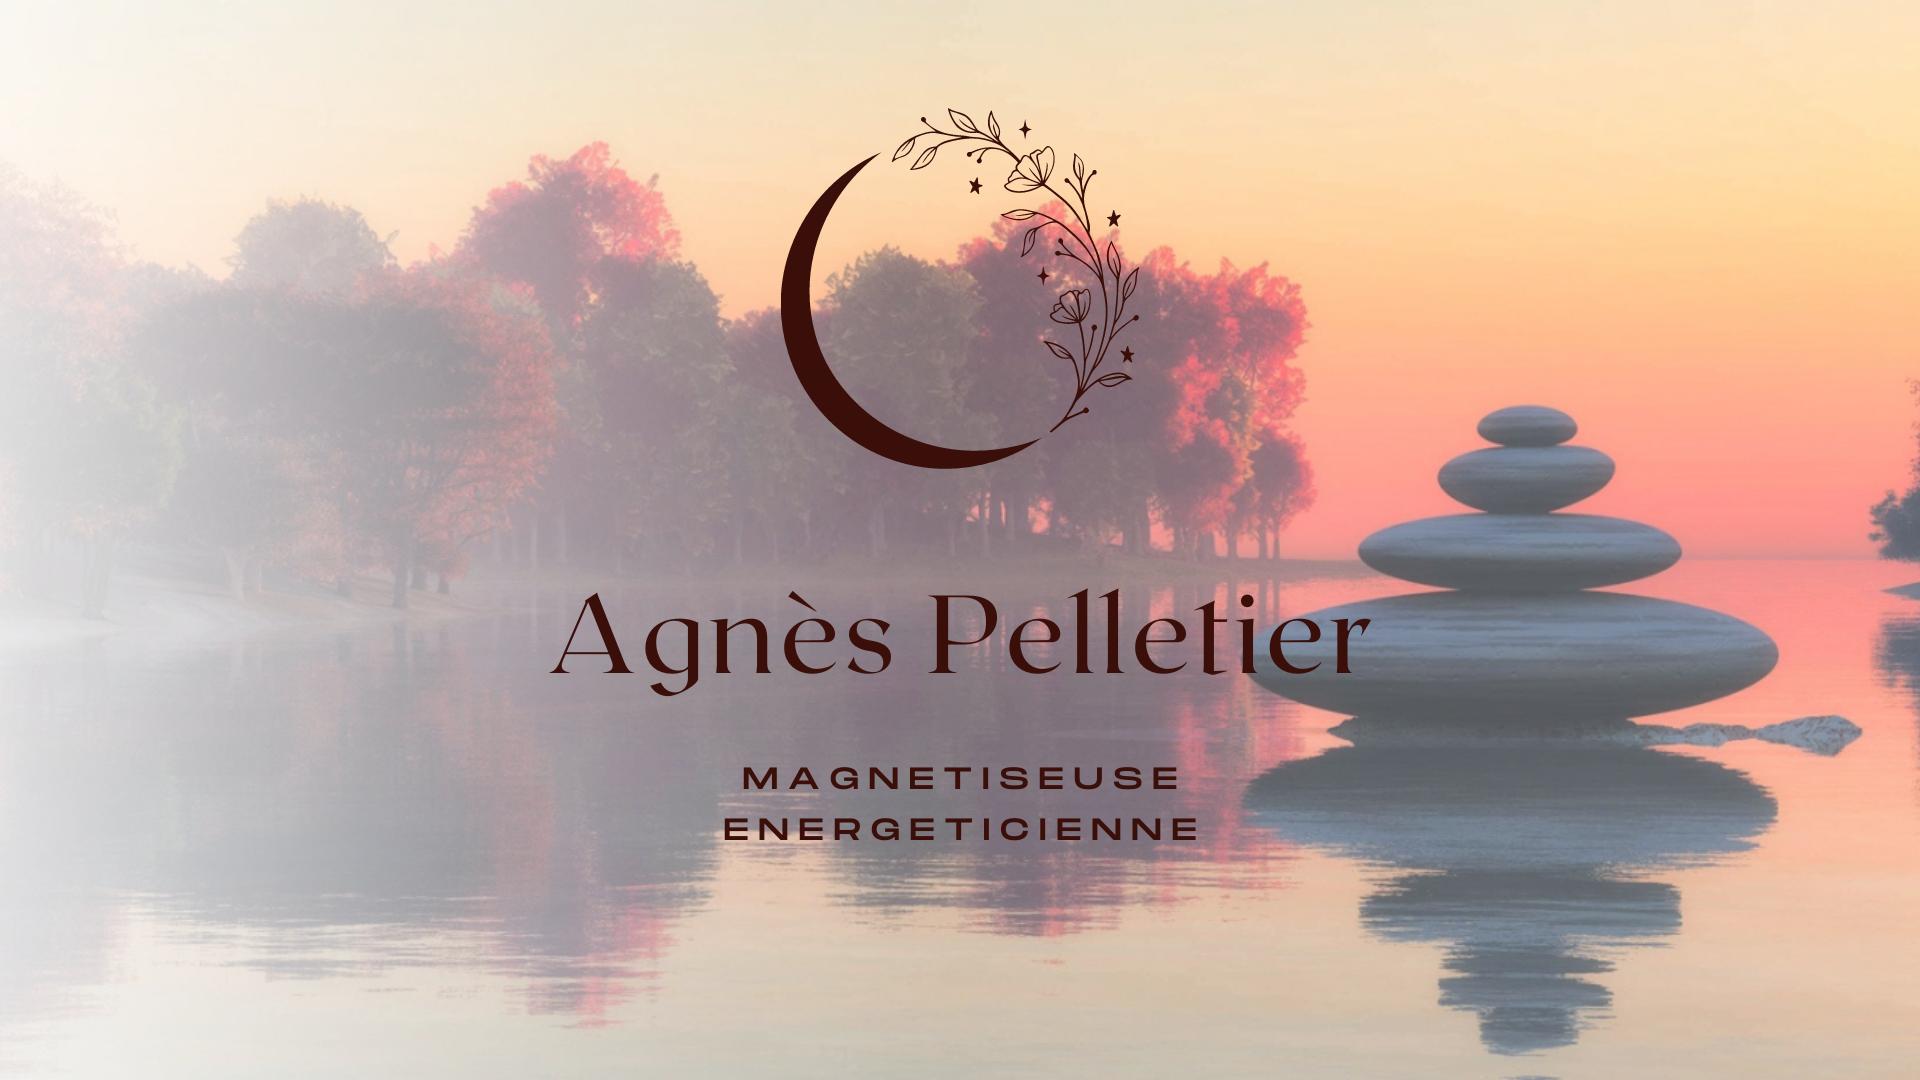 Agnès Pelletier  Magnétiseuse Energéticienne Thérapeute corporelle ayurvédique Angers Segré